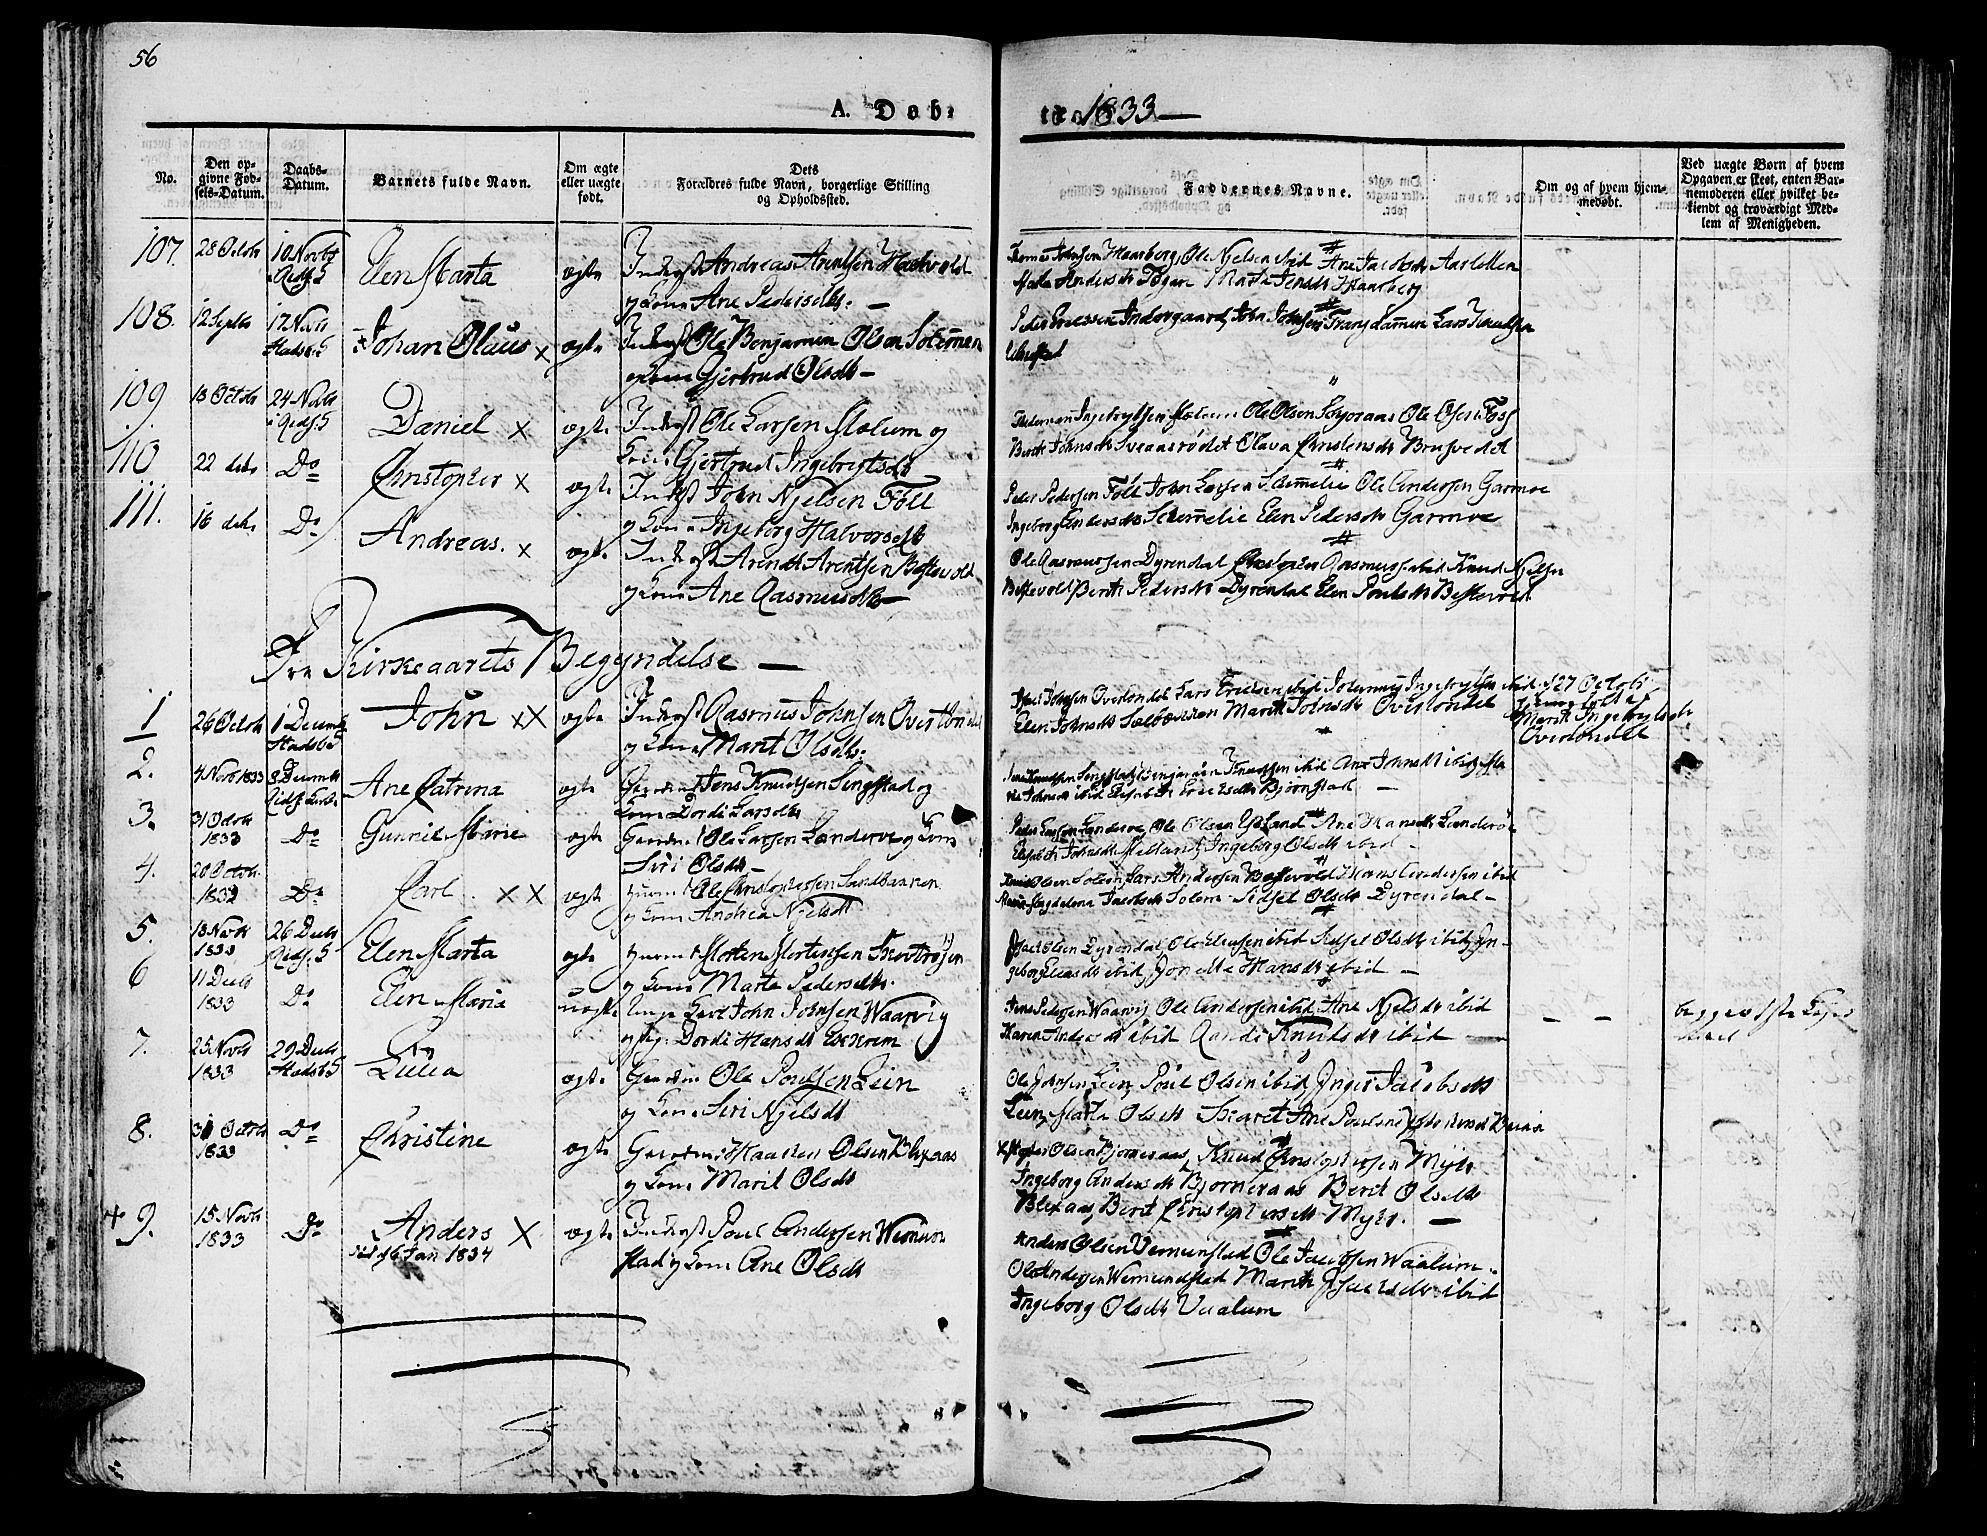 SAT, Ministerialprotokoller, klokkerbøker og fødselsregistre - Sør-Trøndelag, 646/L0609: Ministerialbok nr. 646A07, 1826-1838, s. 56